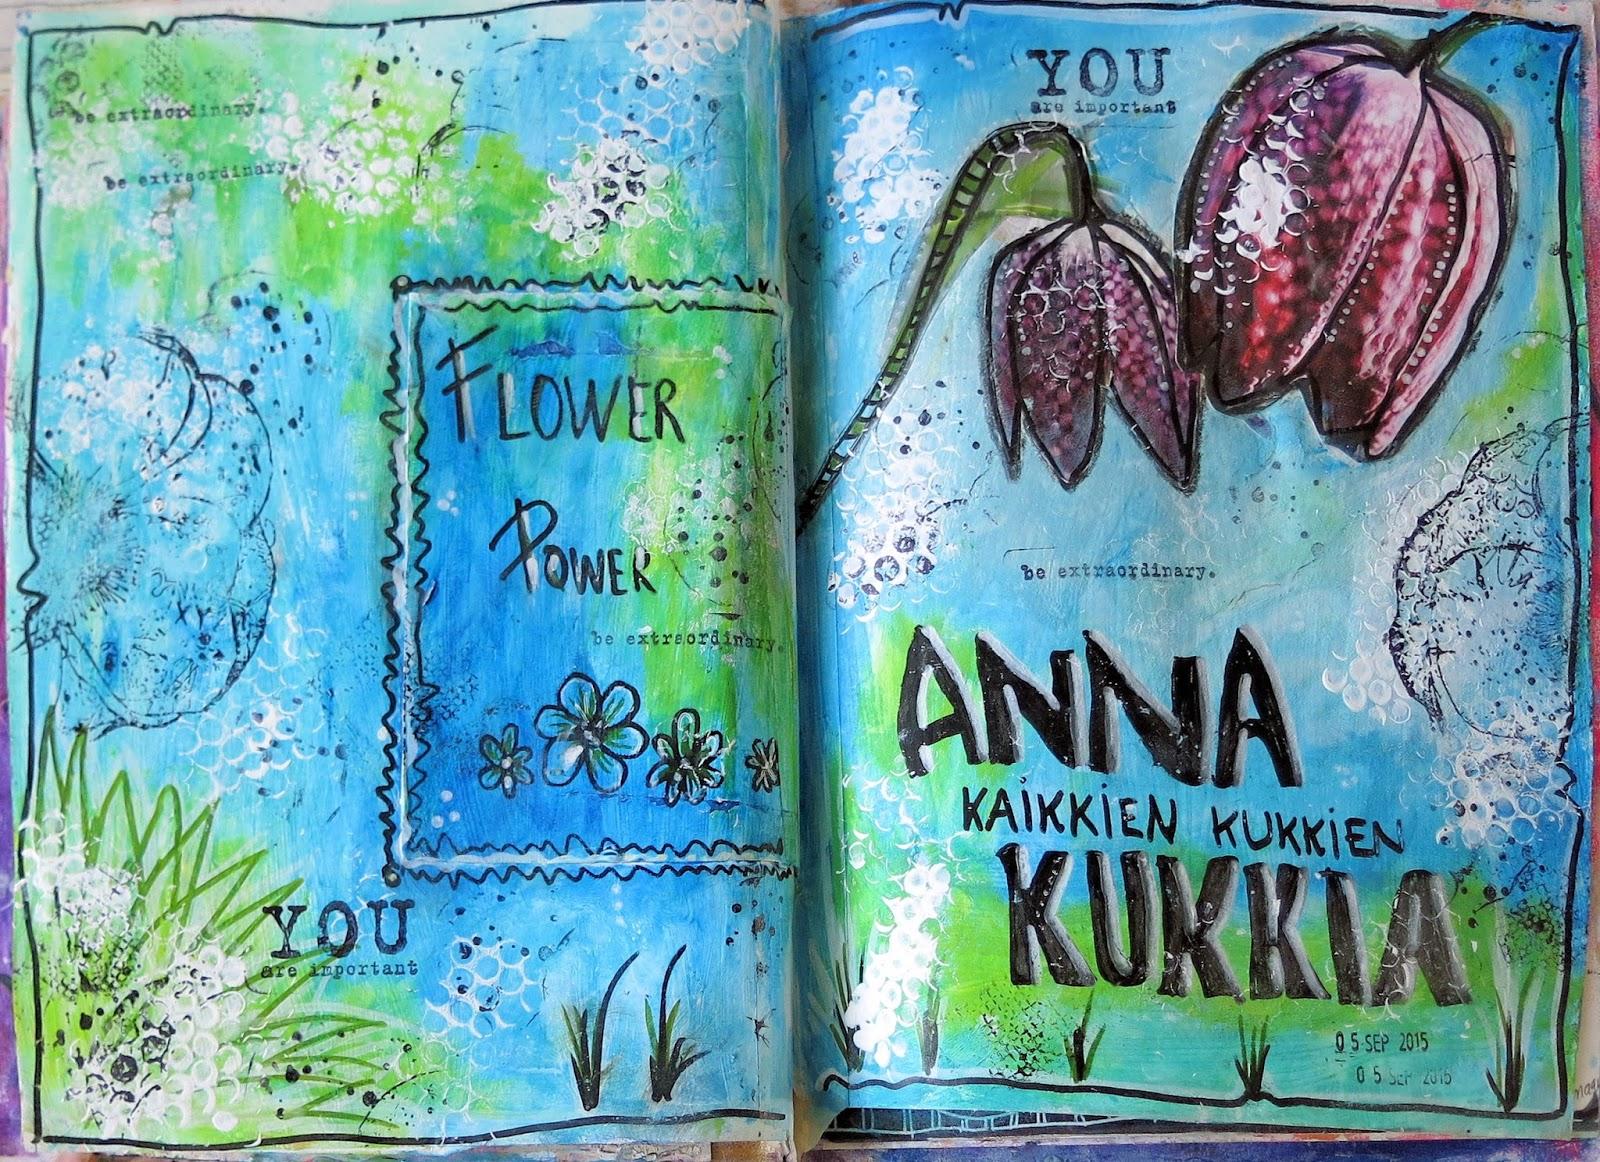 anna kaikkien kukkien kukkia Kauhajoki